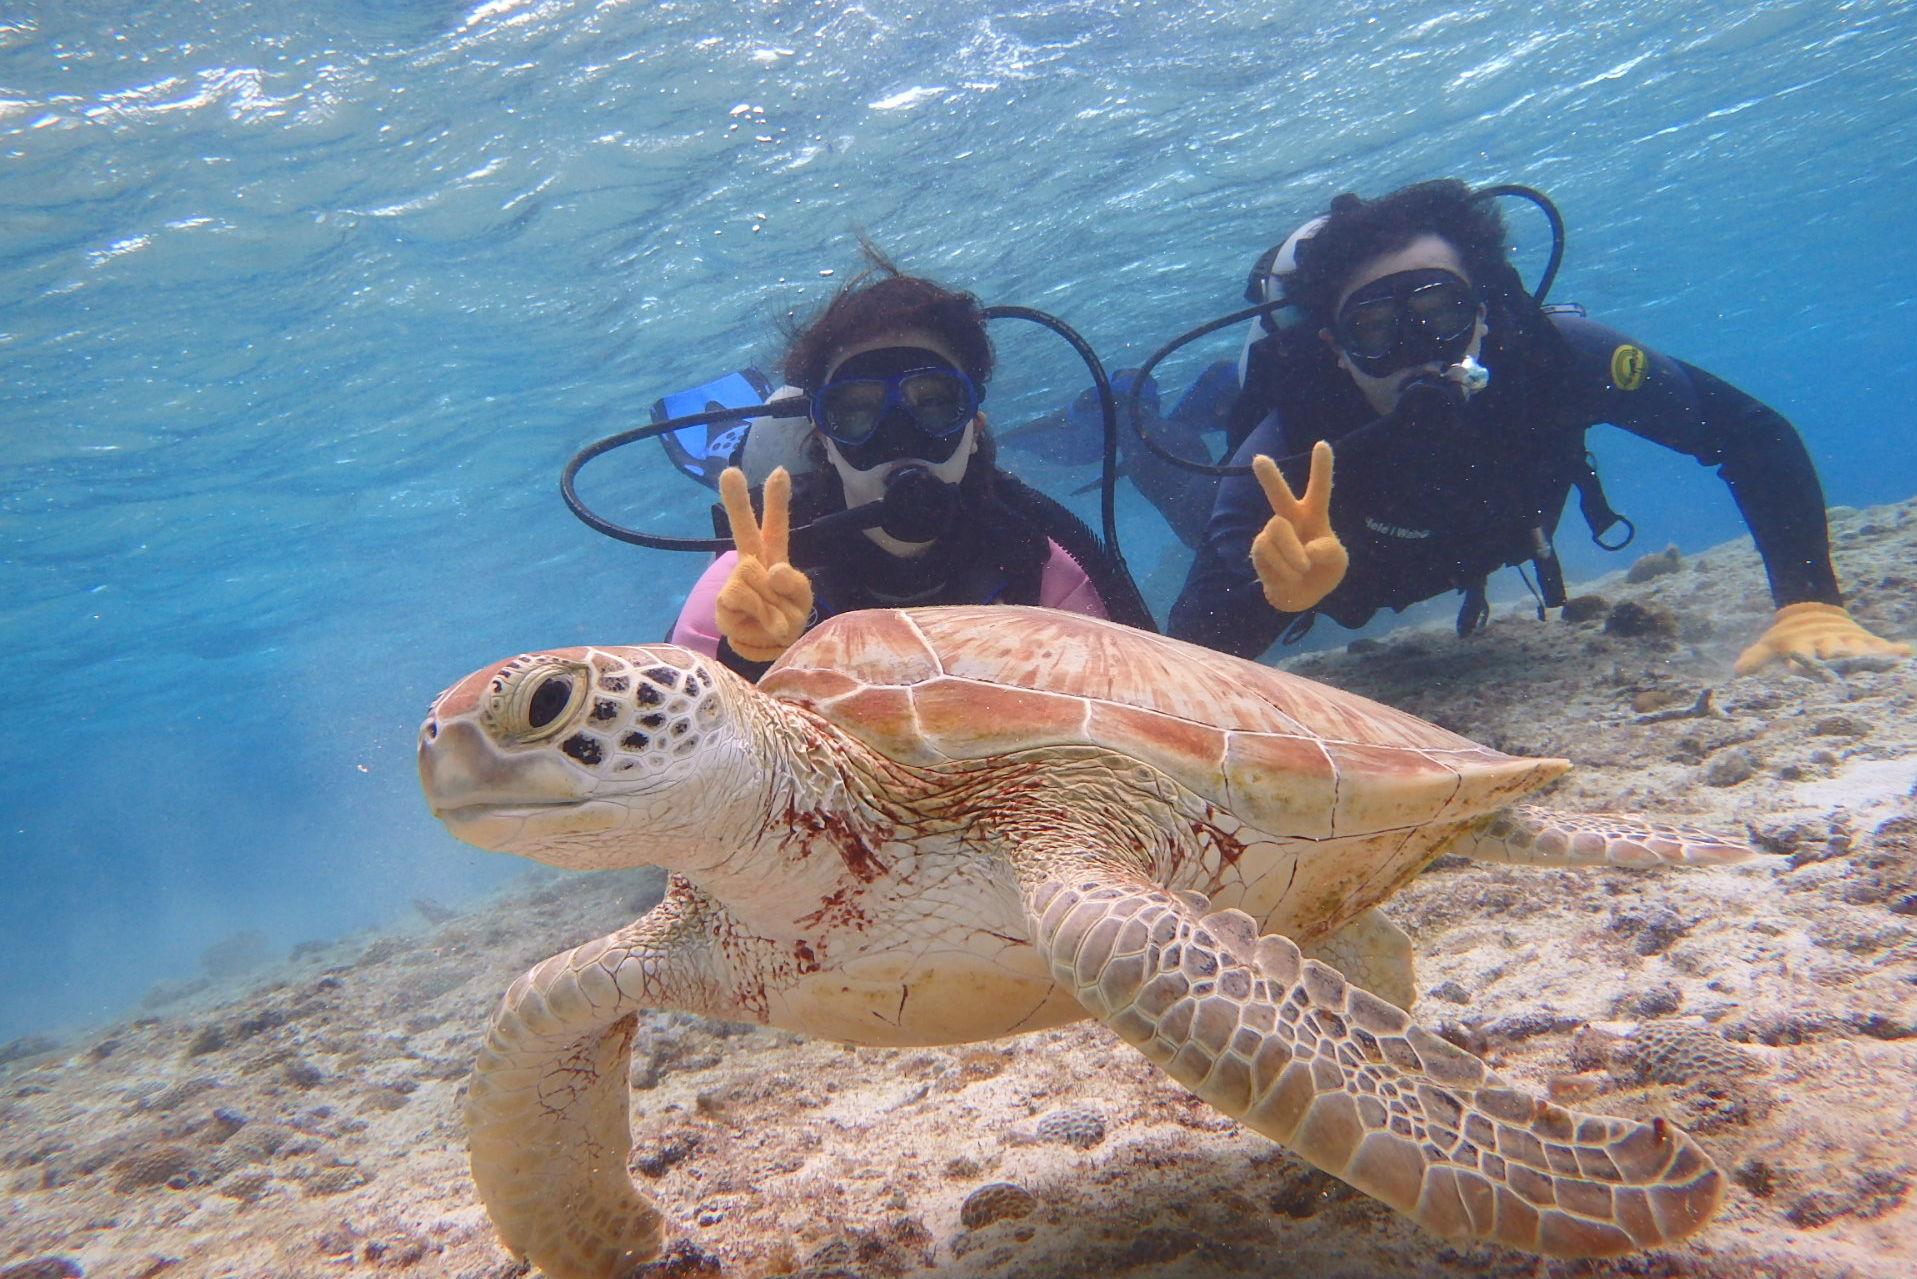 【沖縄・宮古島・体験ダイビング】ウミガメと写真を撮ろう!ウミガメプラン